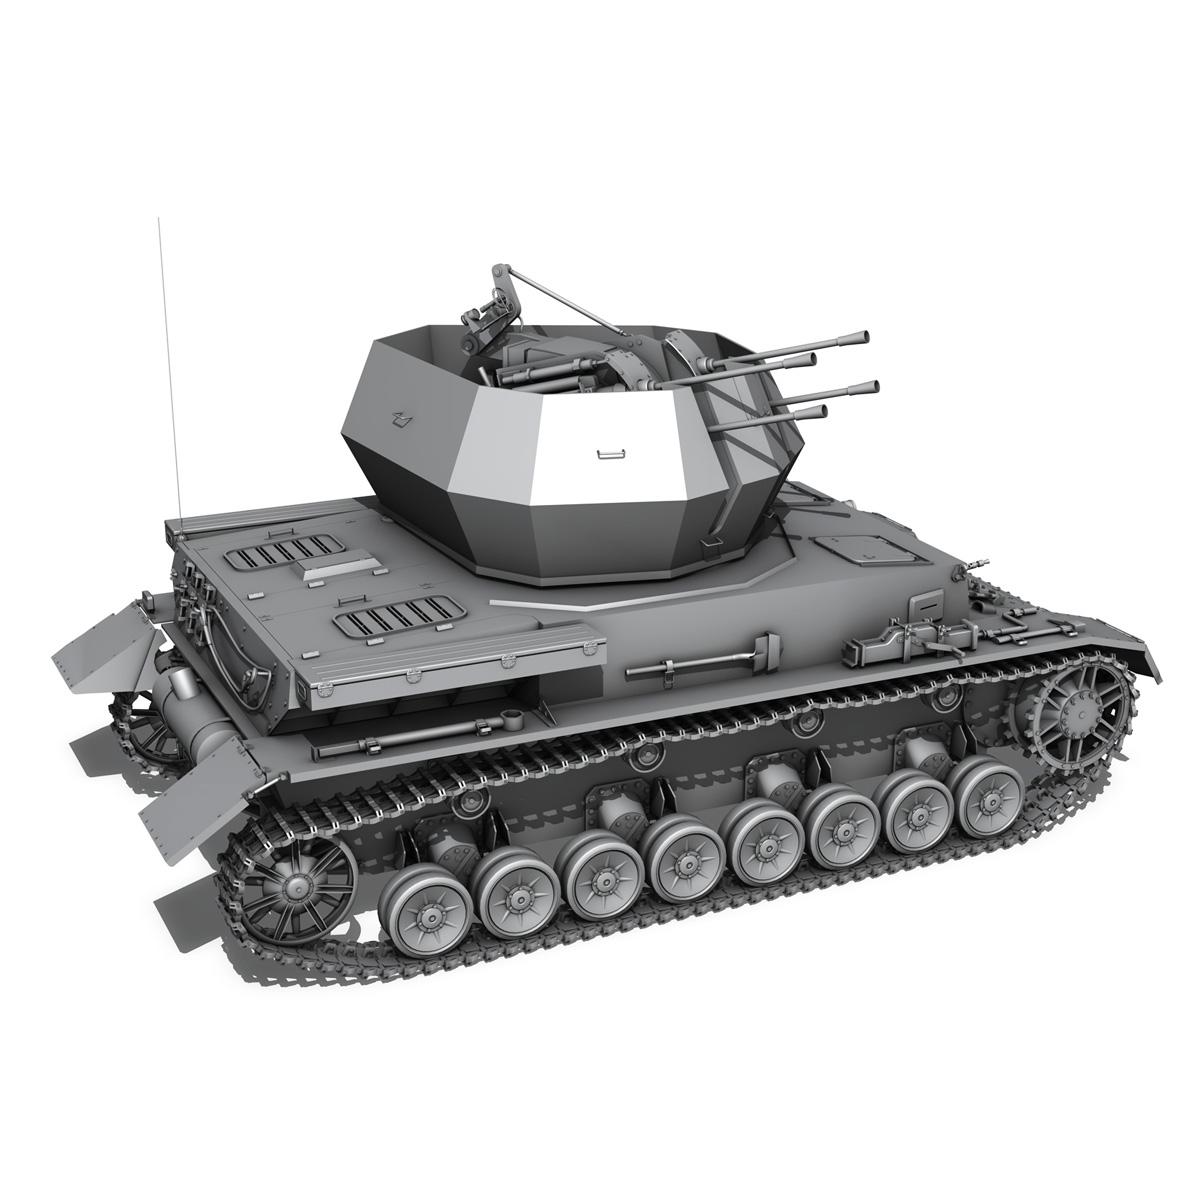 flakpanzer 4 - wirbelwind 3d model 3ds fbx c4d lwo obj 190388